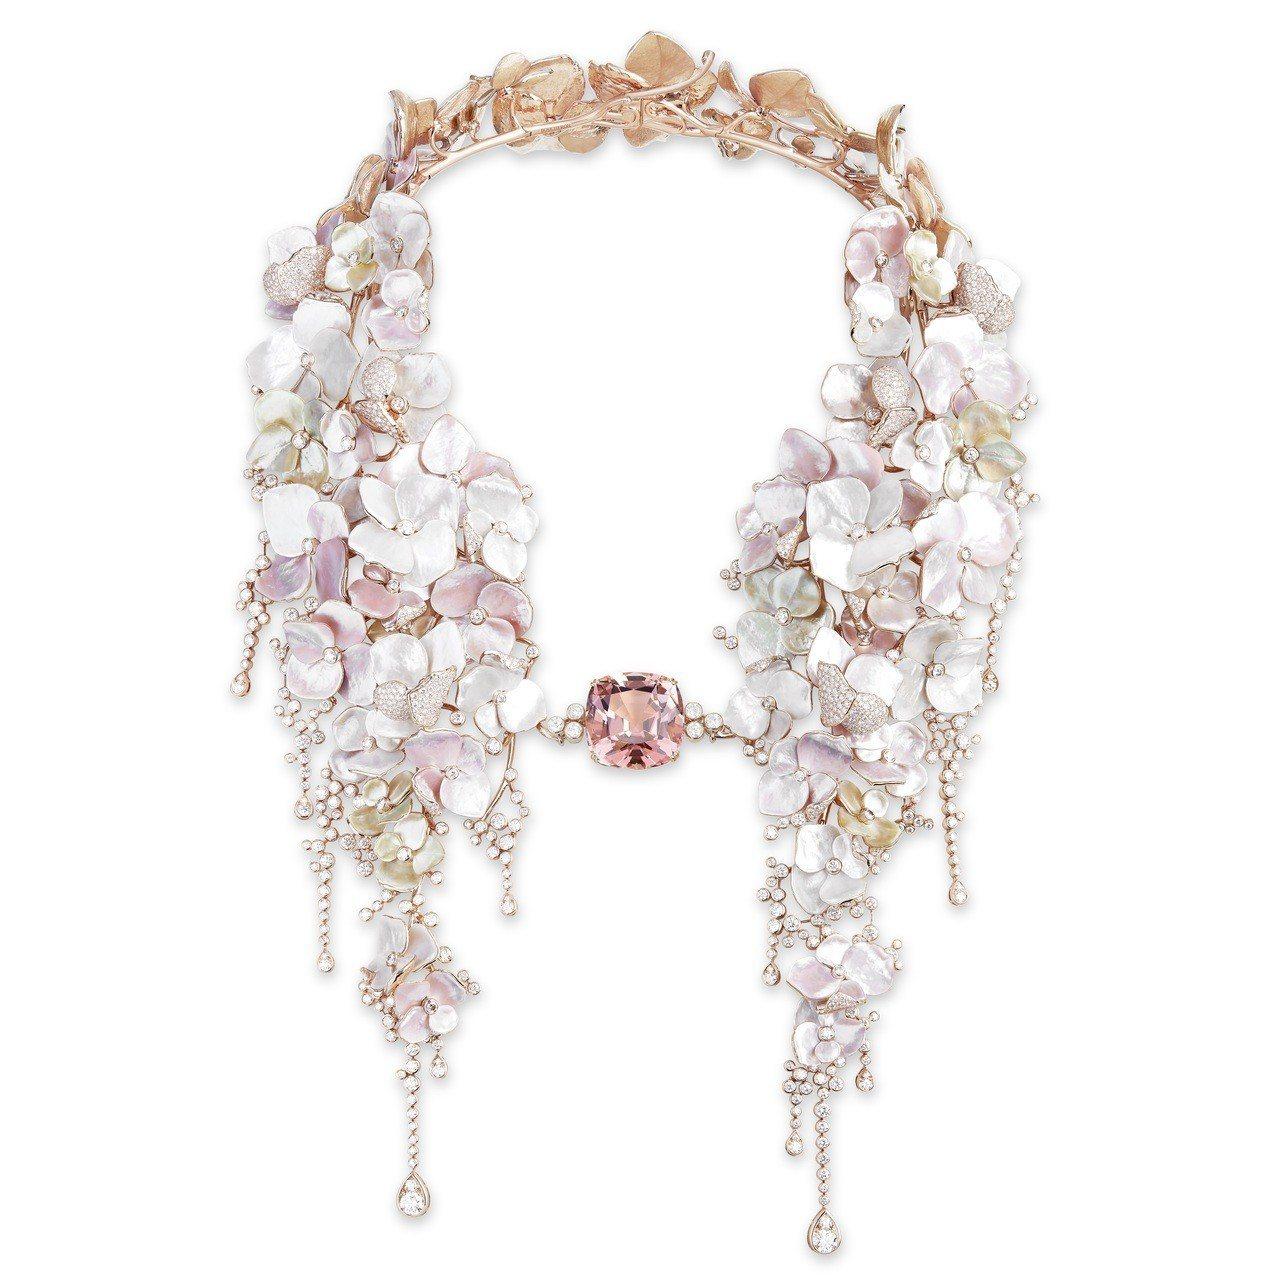 「花雲」項鍊,玫瑰金鑲嵌42.96克拉粉紅色碧璽主石、鑽石、珍珠母貝,約3,70...